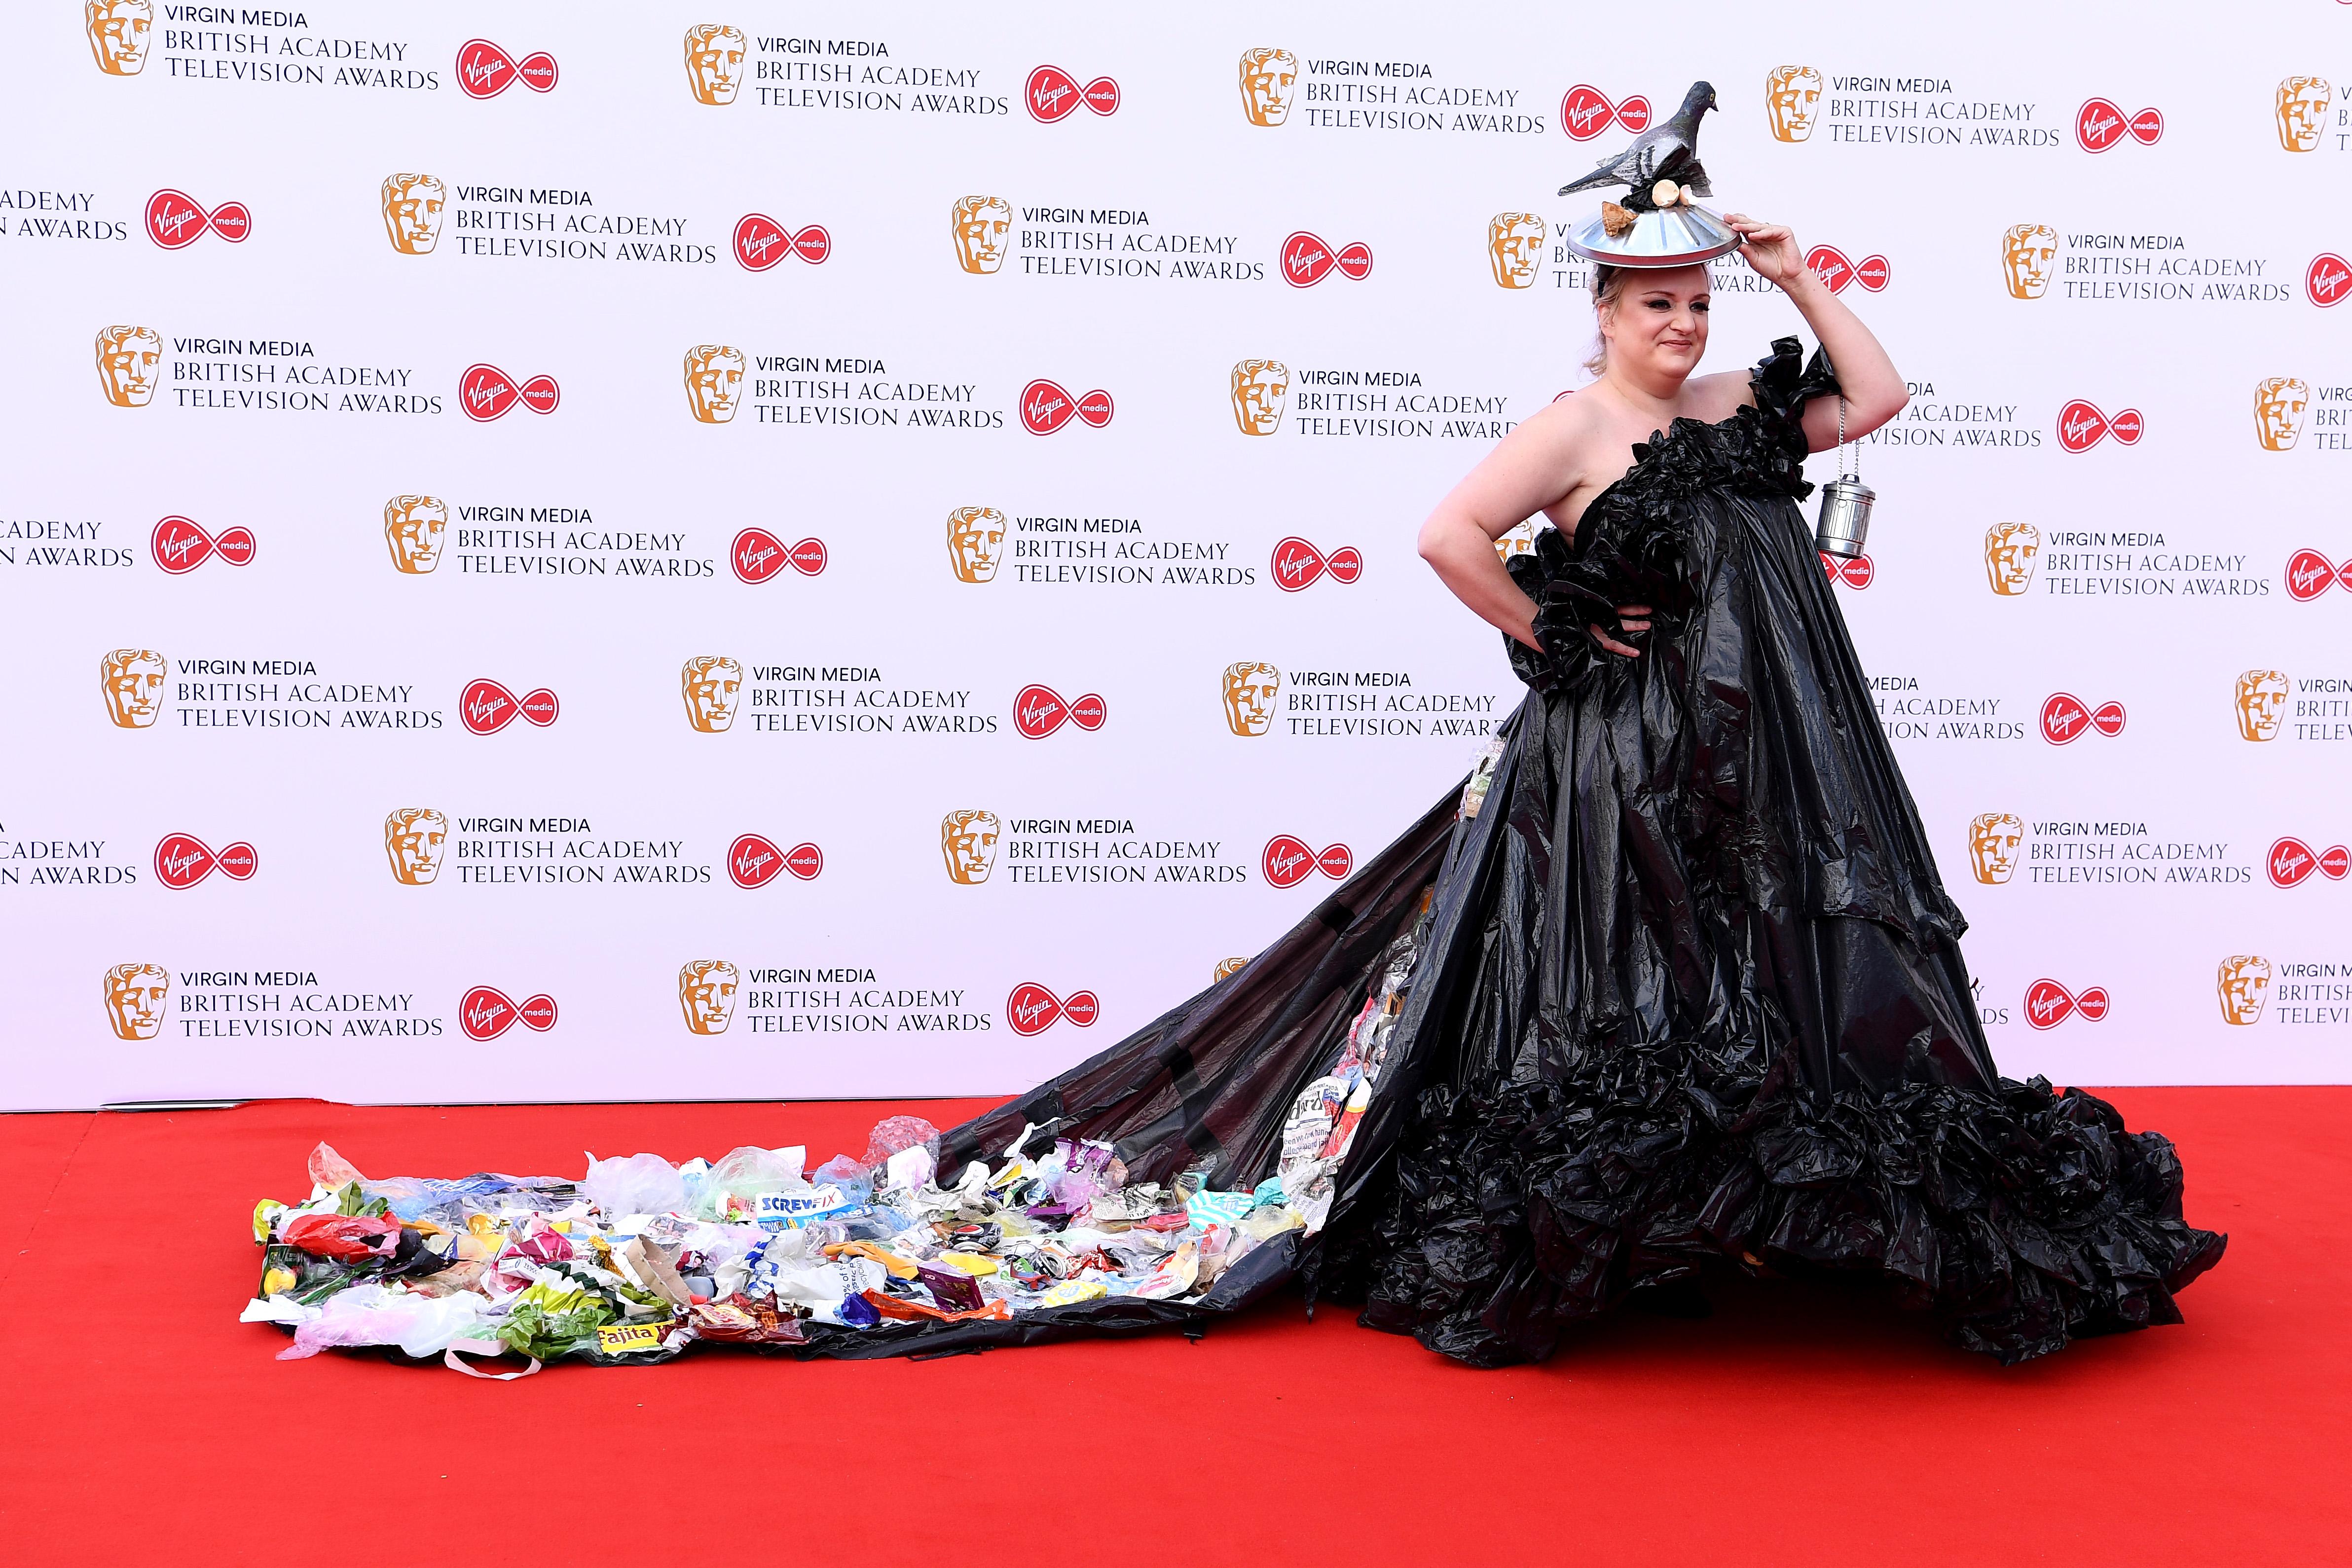 Дейзи Мей Купър предизвика истински фурор с облеклото си по време на телевизионните награди БАФТА тази година. Купър беше номинирана за най-добро комедийно изпълнение, но не взе награда. Тя се появи на червения килим с рокля от черни чували за боклук по модел на майка ѝ